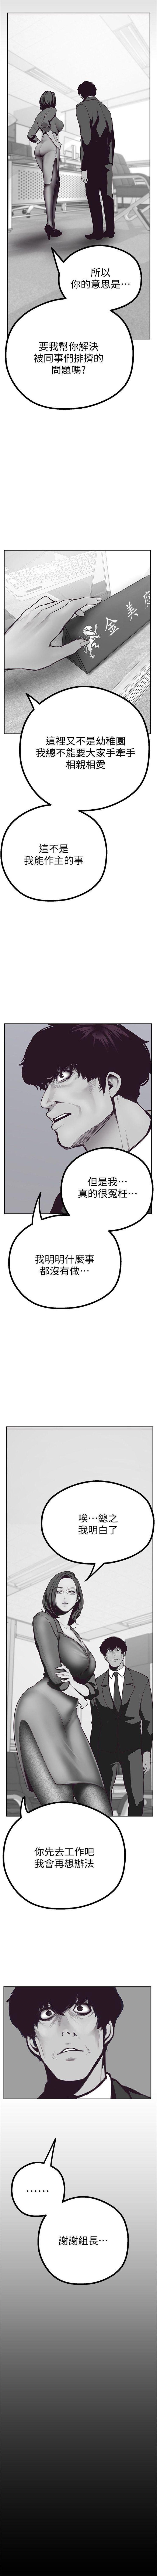 (周6)美丽新世界 1-61 中文翻译 (更新中) 56